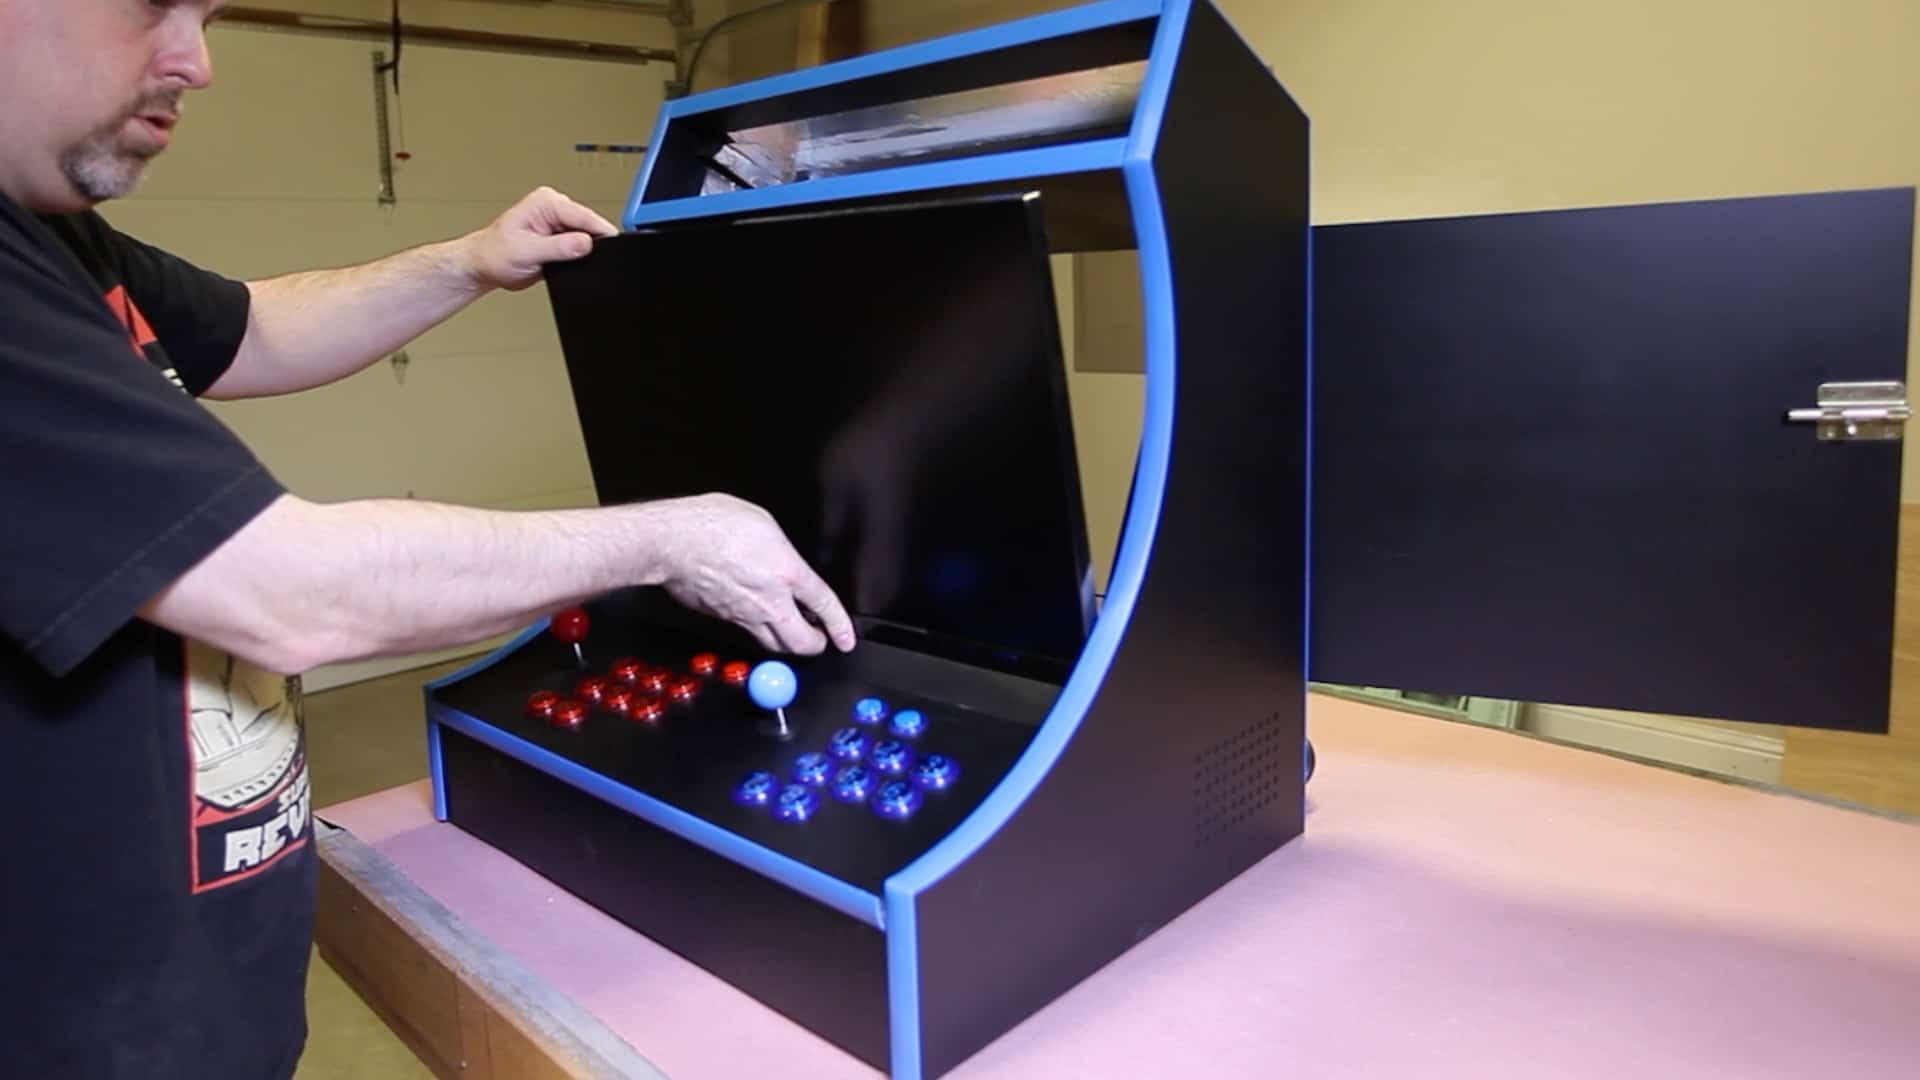 Build a RetroPie Bartop Arcade Cabinet - The Geek Pub